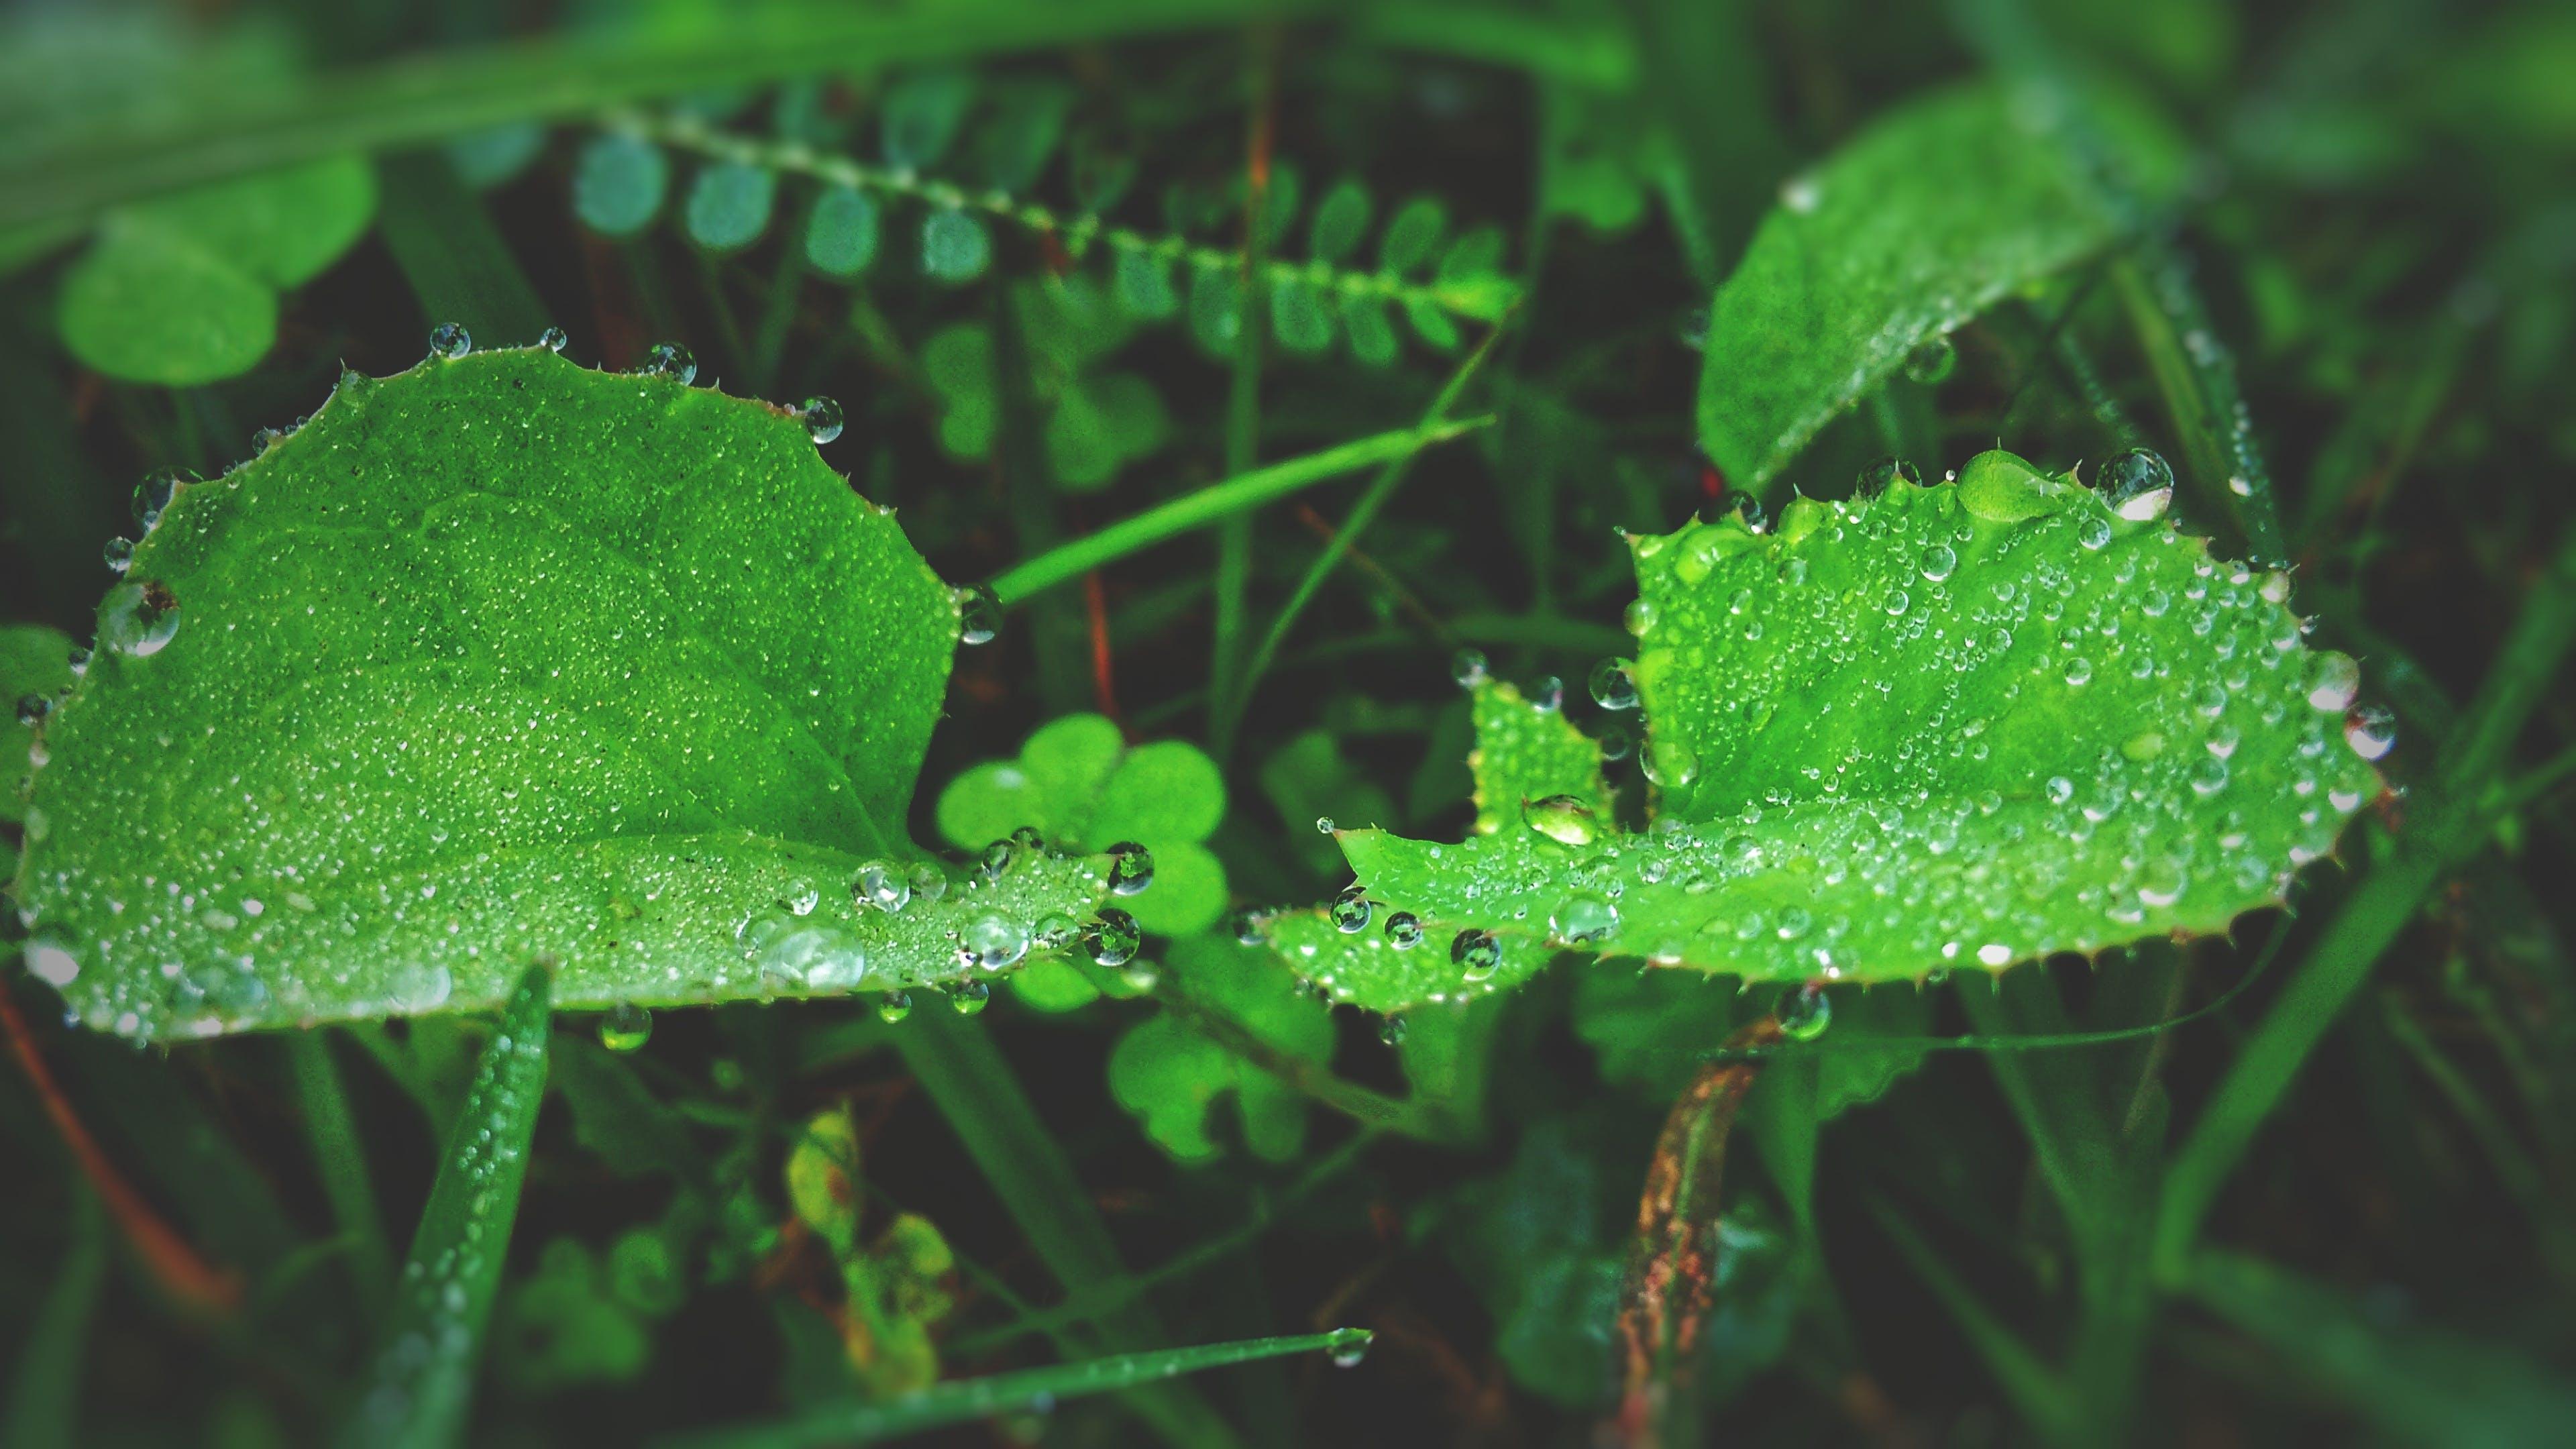 Kostenloses Stock Foto zu blätter, draußen, dunkelgrün, flüssig